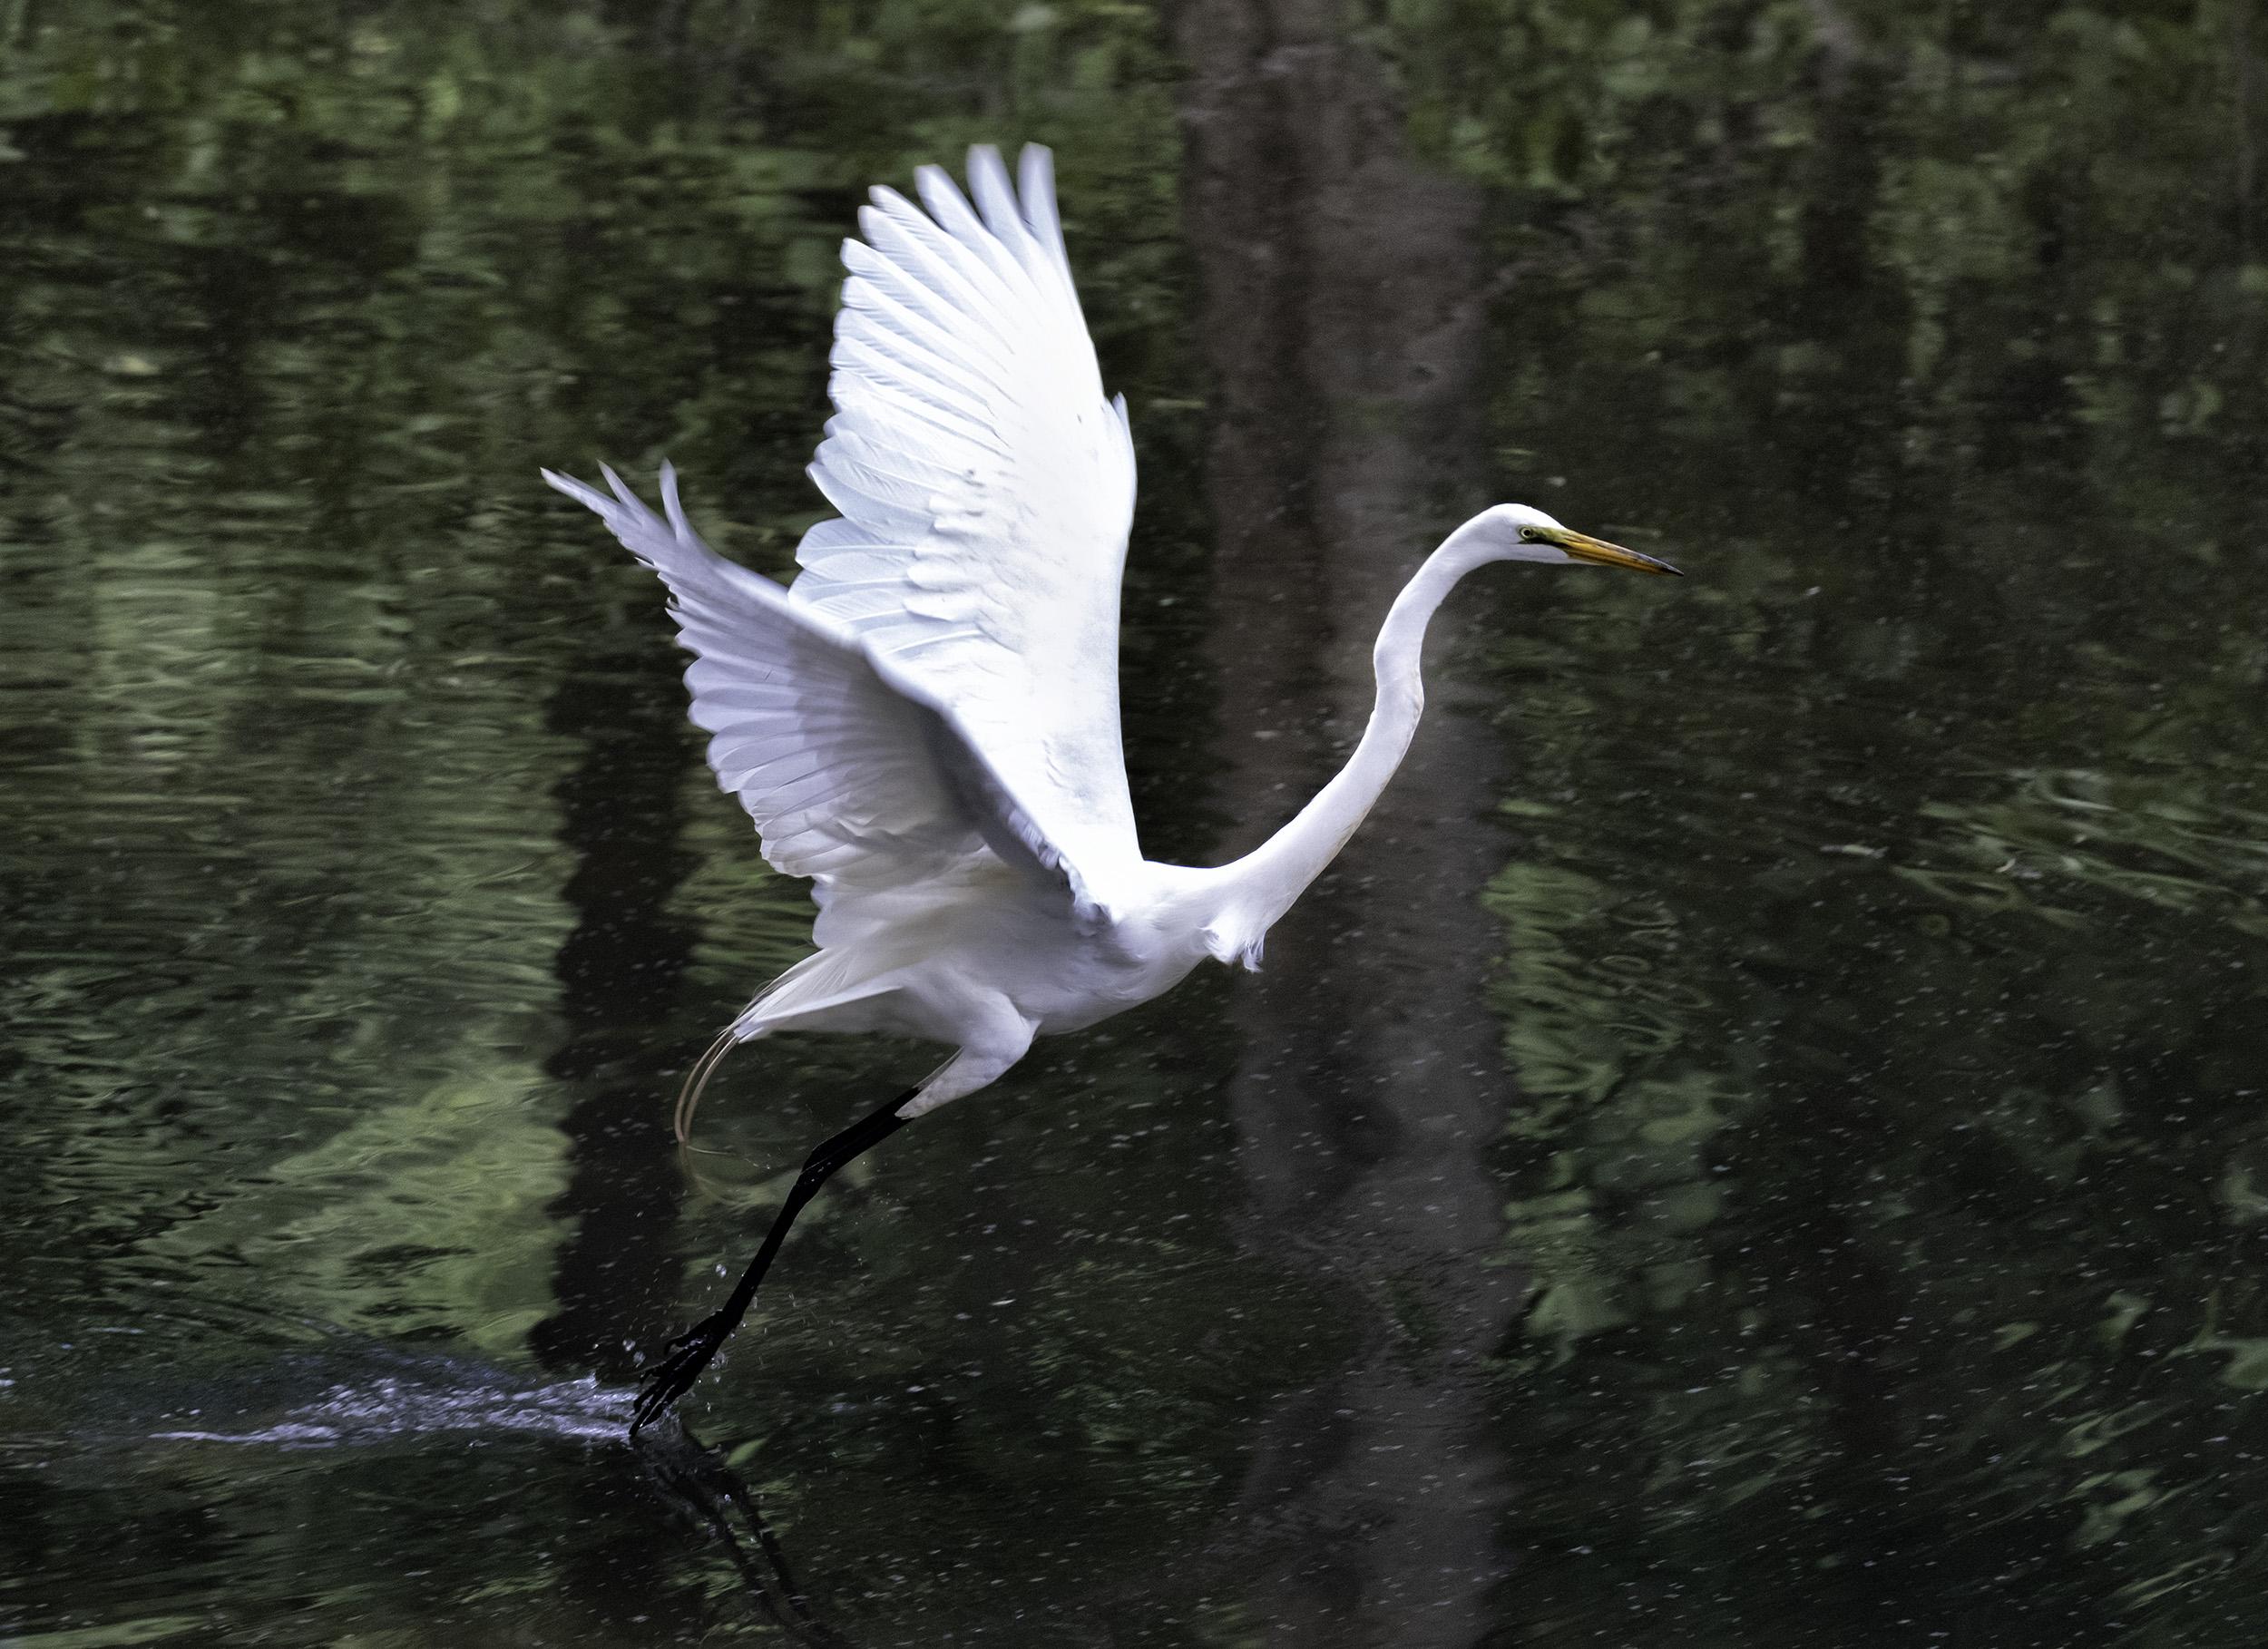 190514 XT2 Canal Birds  109-1.jpg